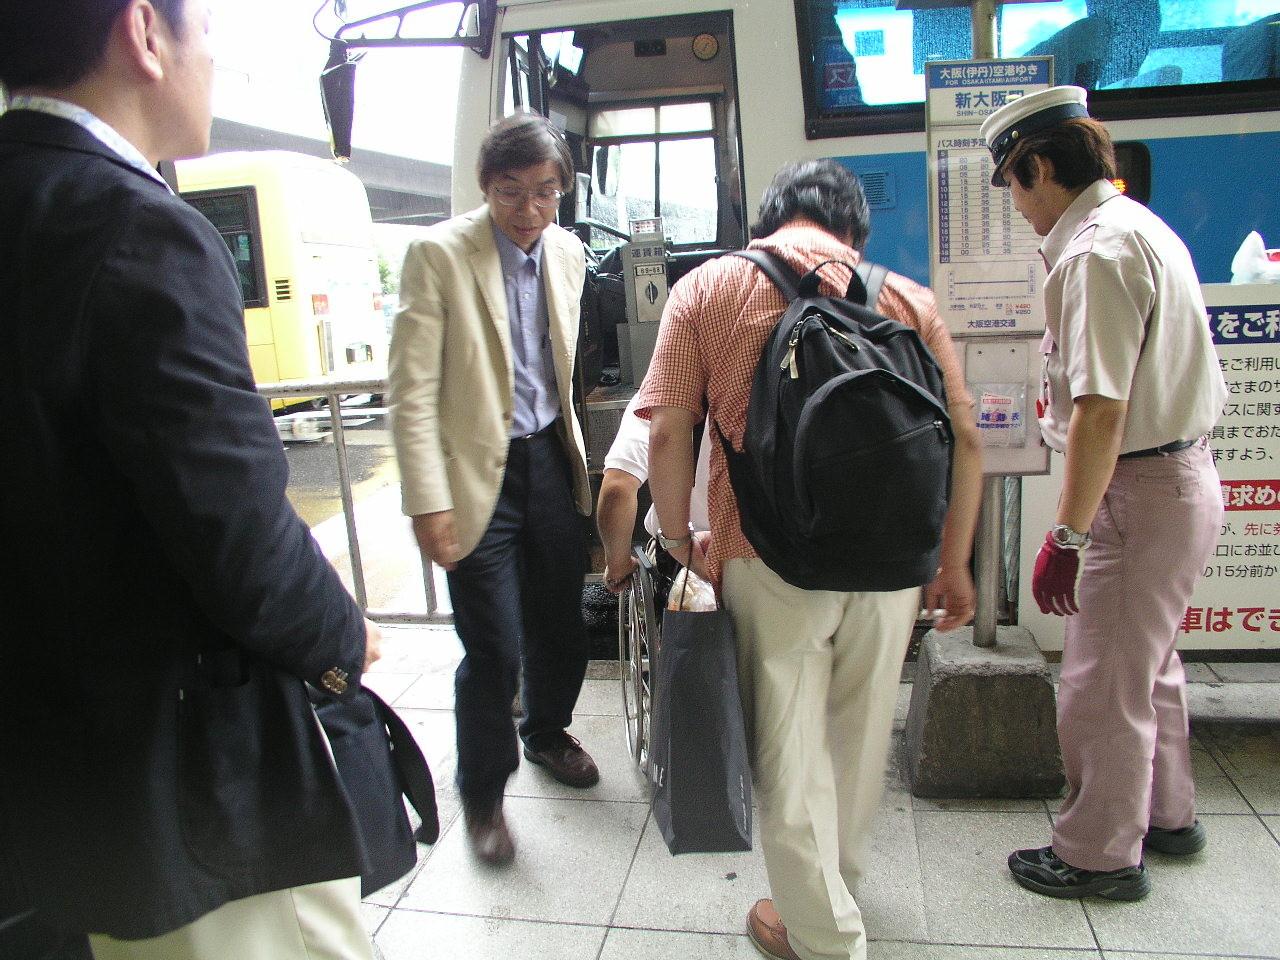 今から新幹線で大阪に